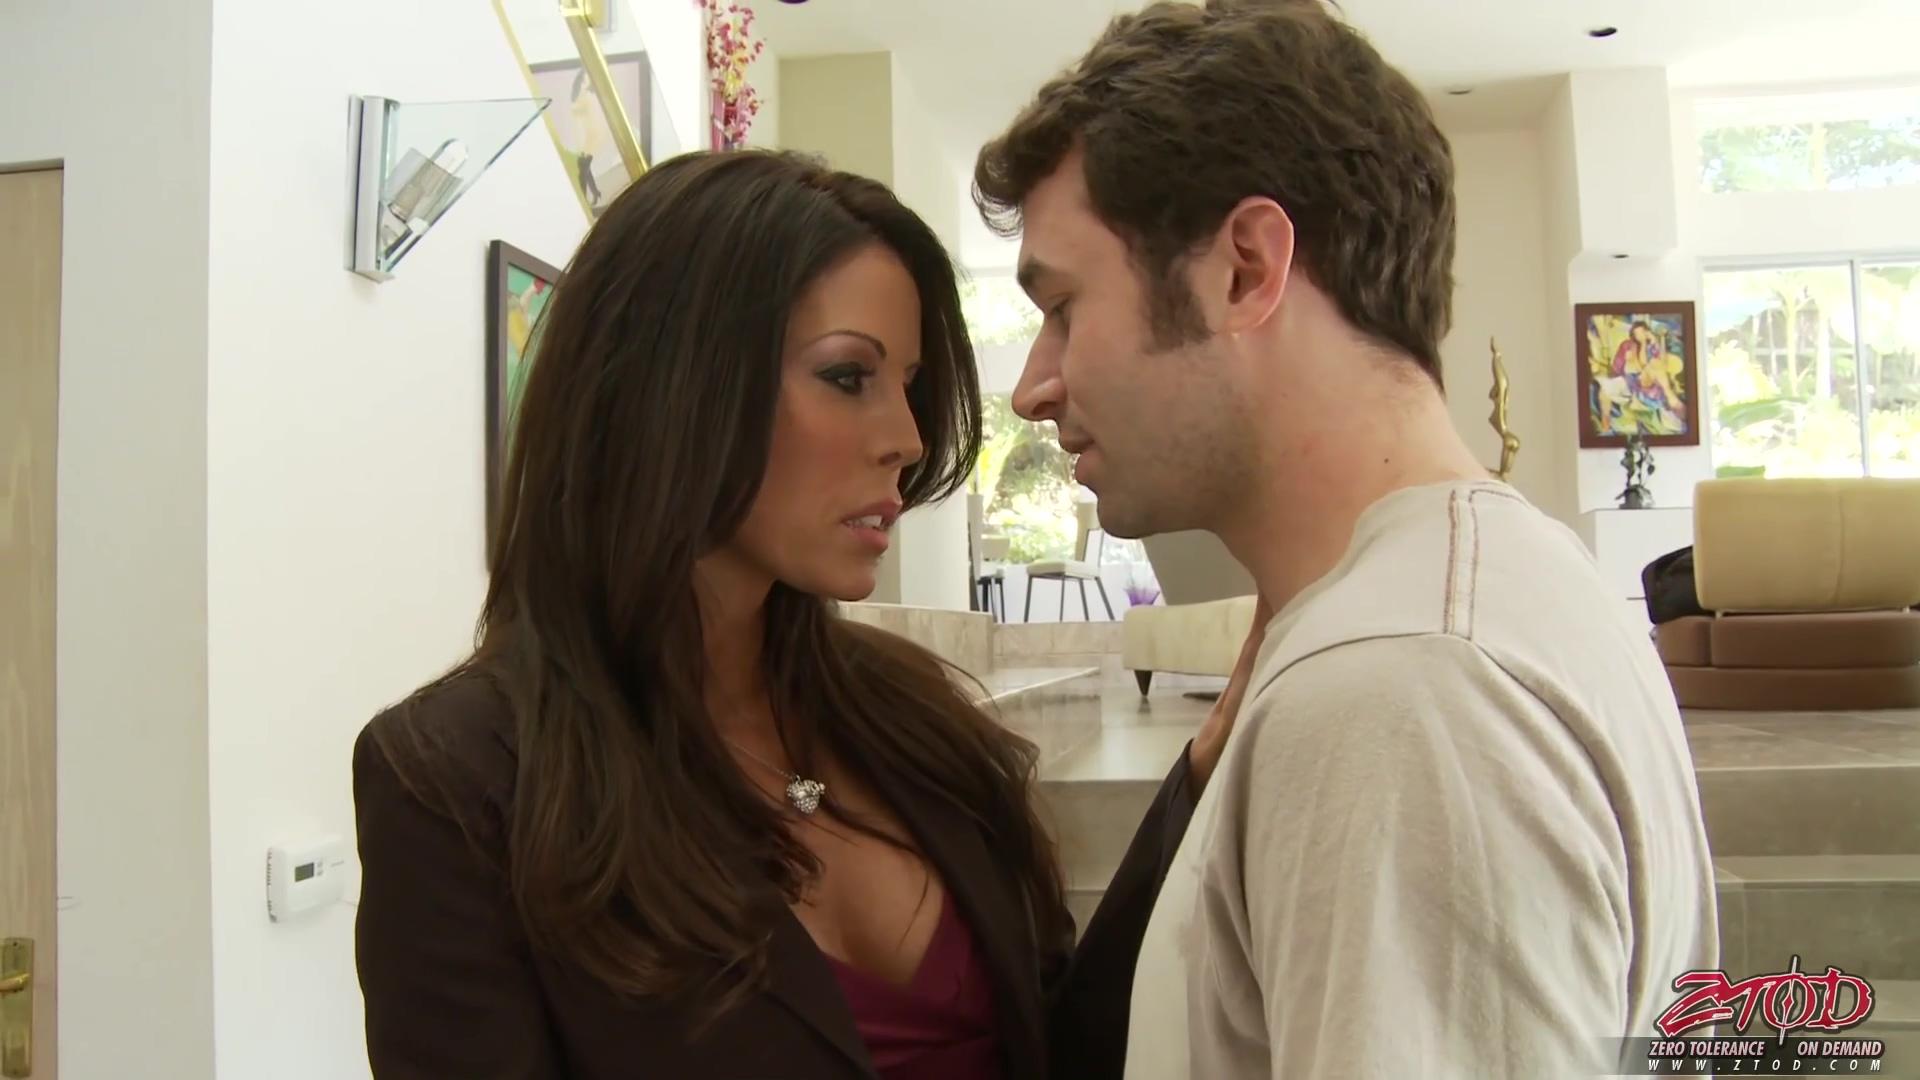 Video 1420784904: tabitha stevens, milf big tits cumshot, milf big ass tits, big ass brunette milf, milf big tits hd, milf fucked